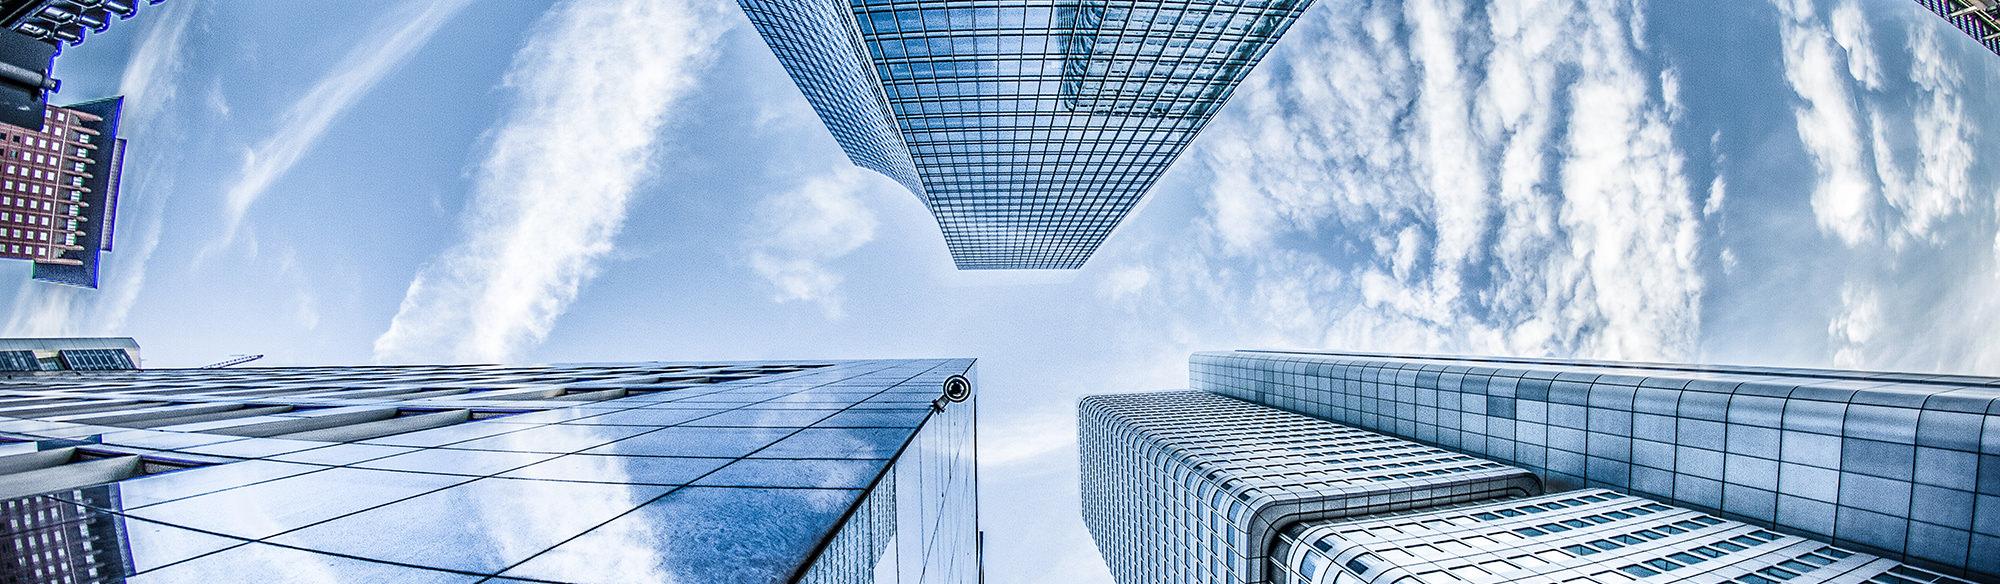 rigenerazione urbana e città del futuro